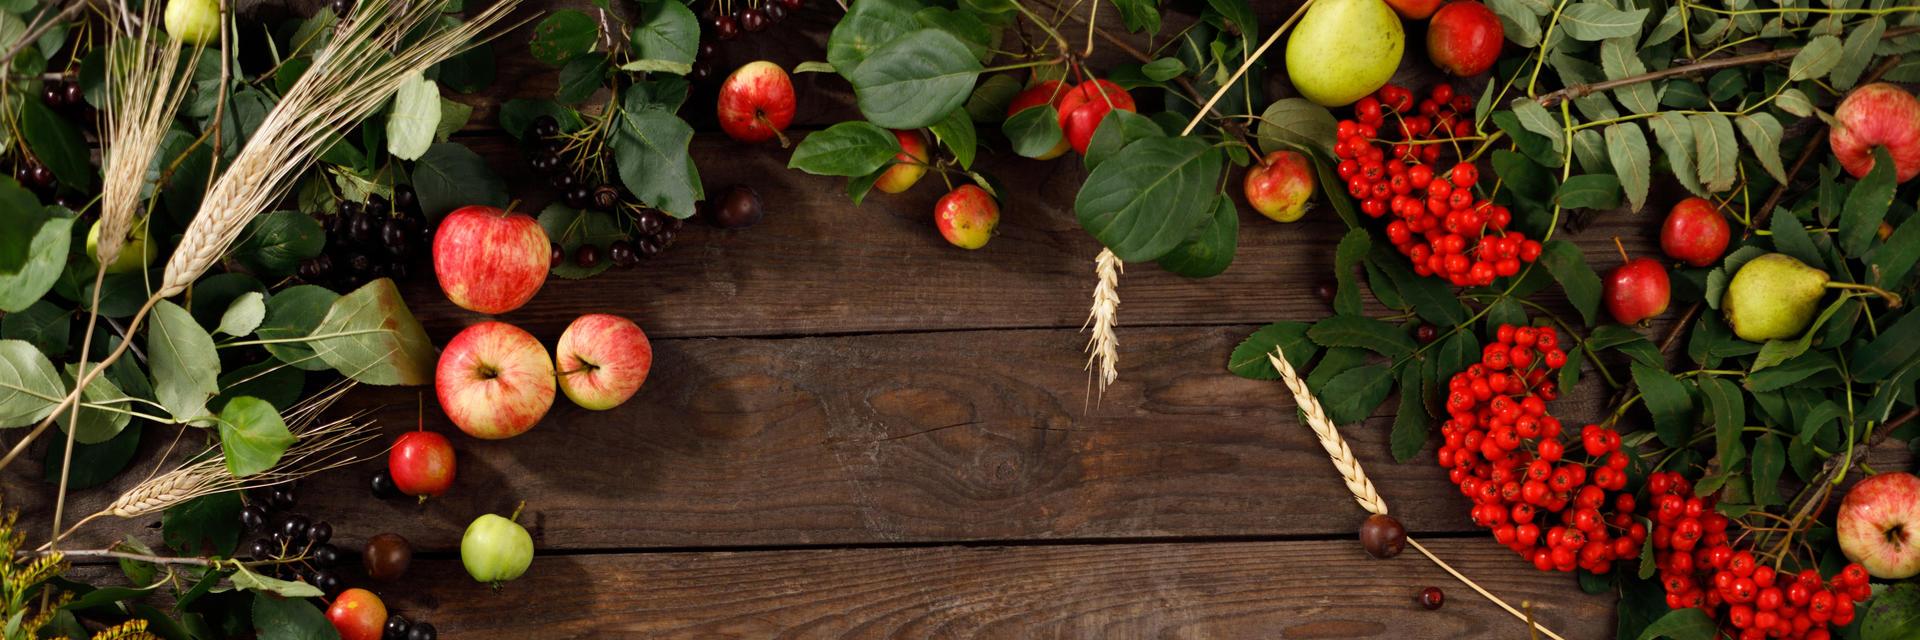 høst grønnsaker